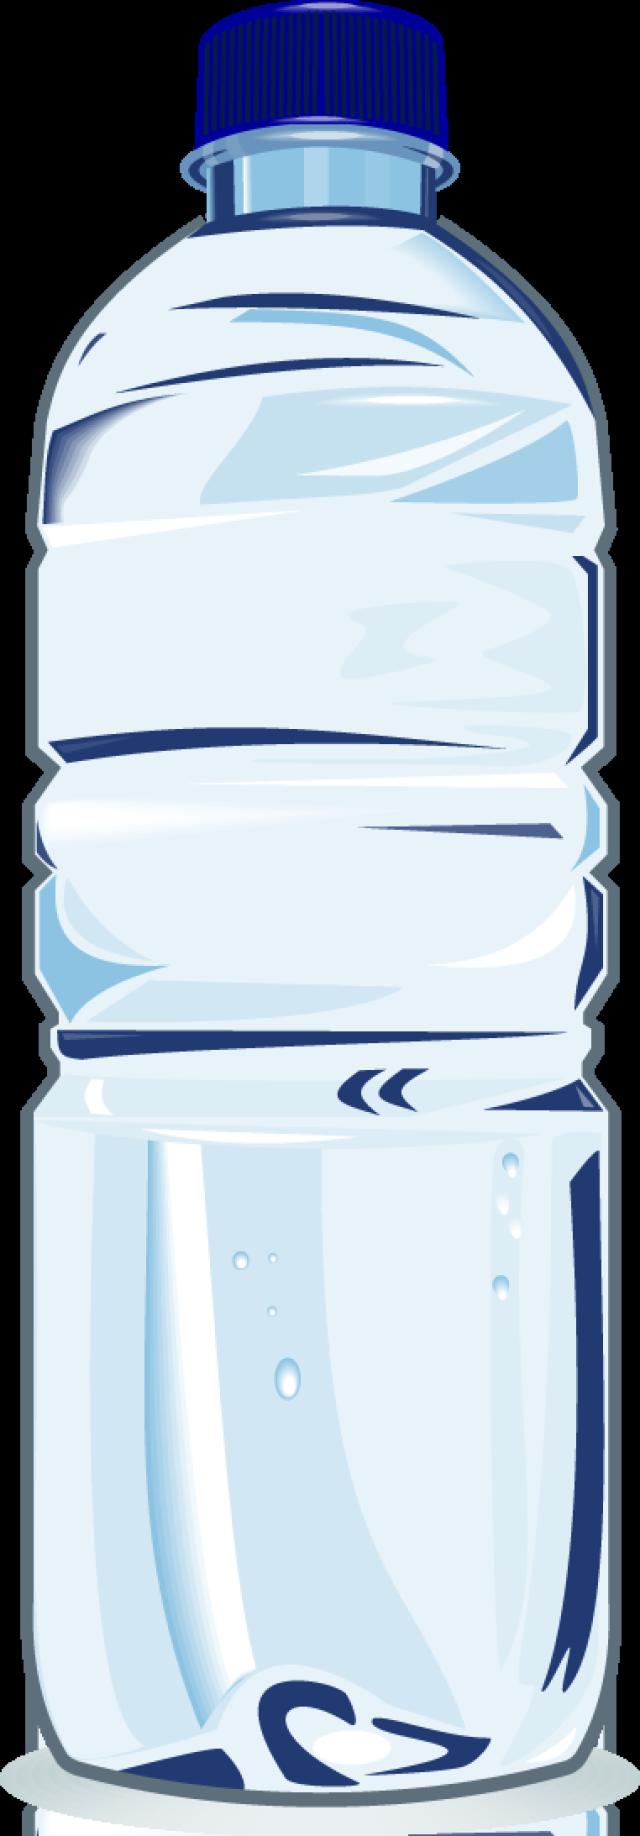 Photoshop Water Bottle Free Clip Art Water Bottle